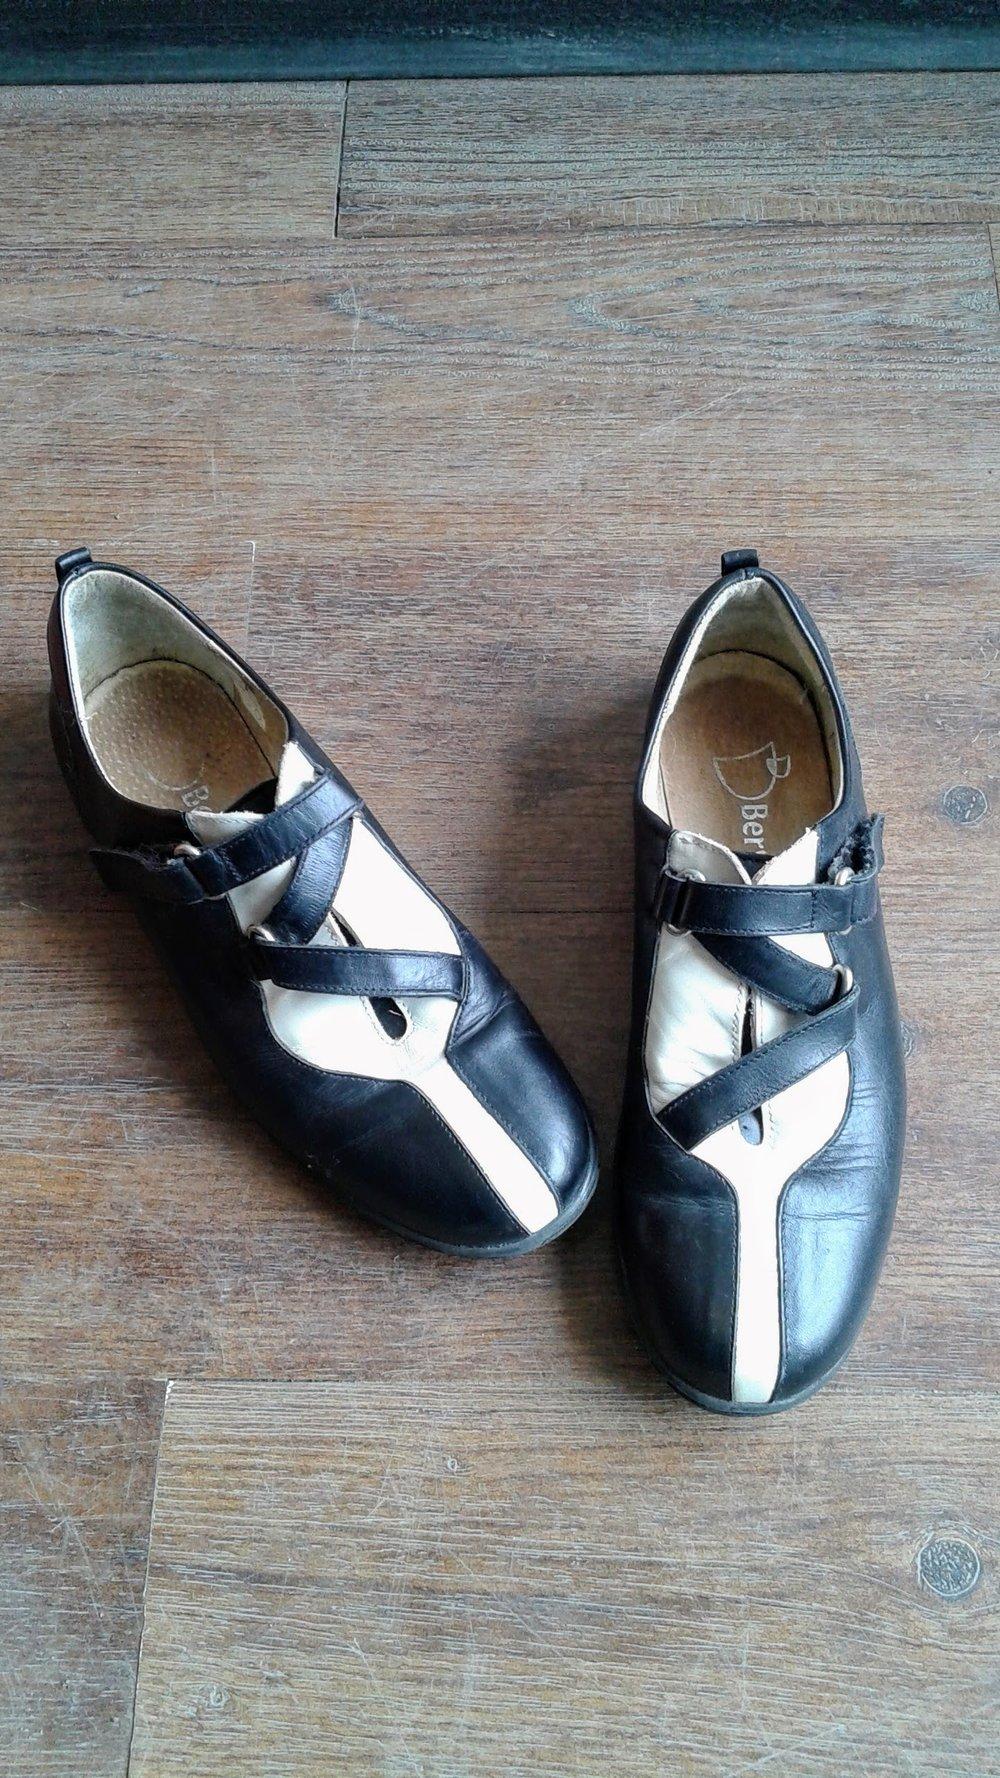 D Beryl shoes: S7.5, $26